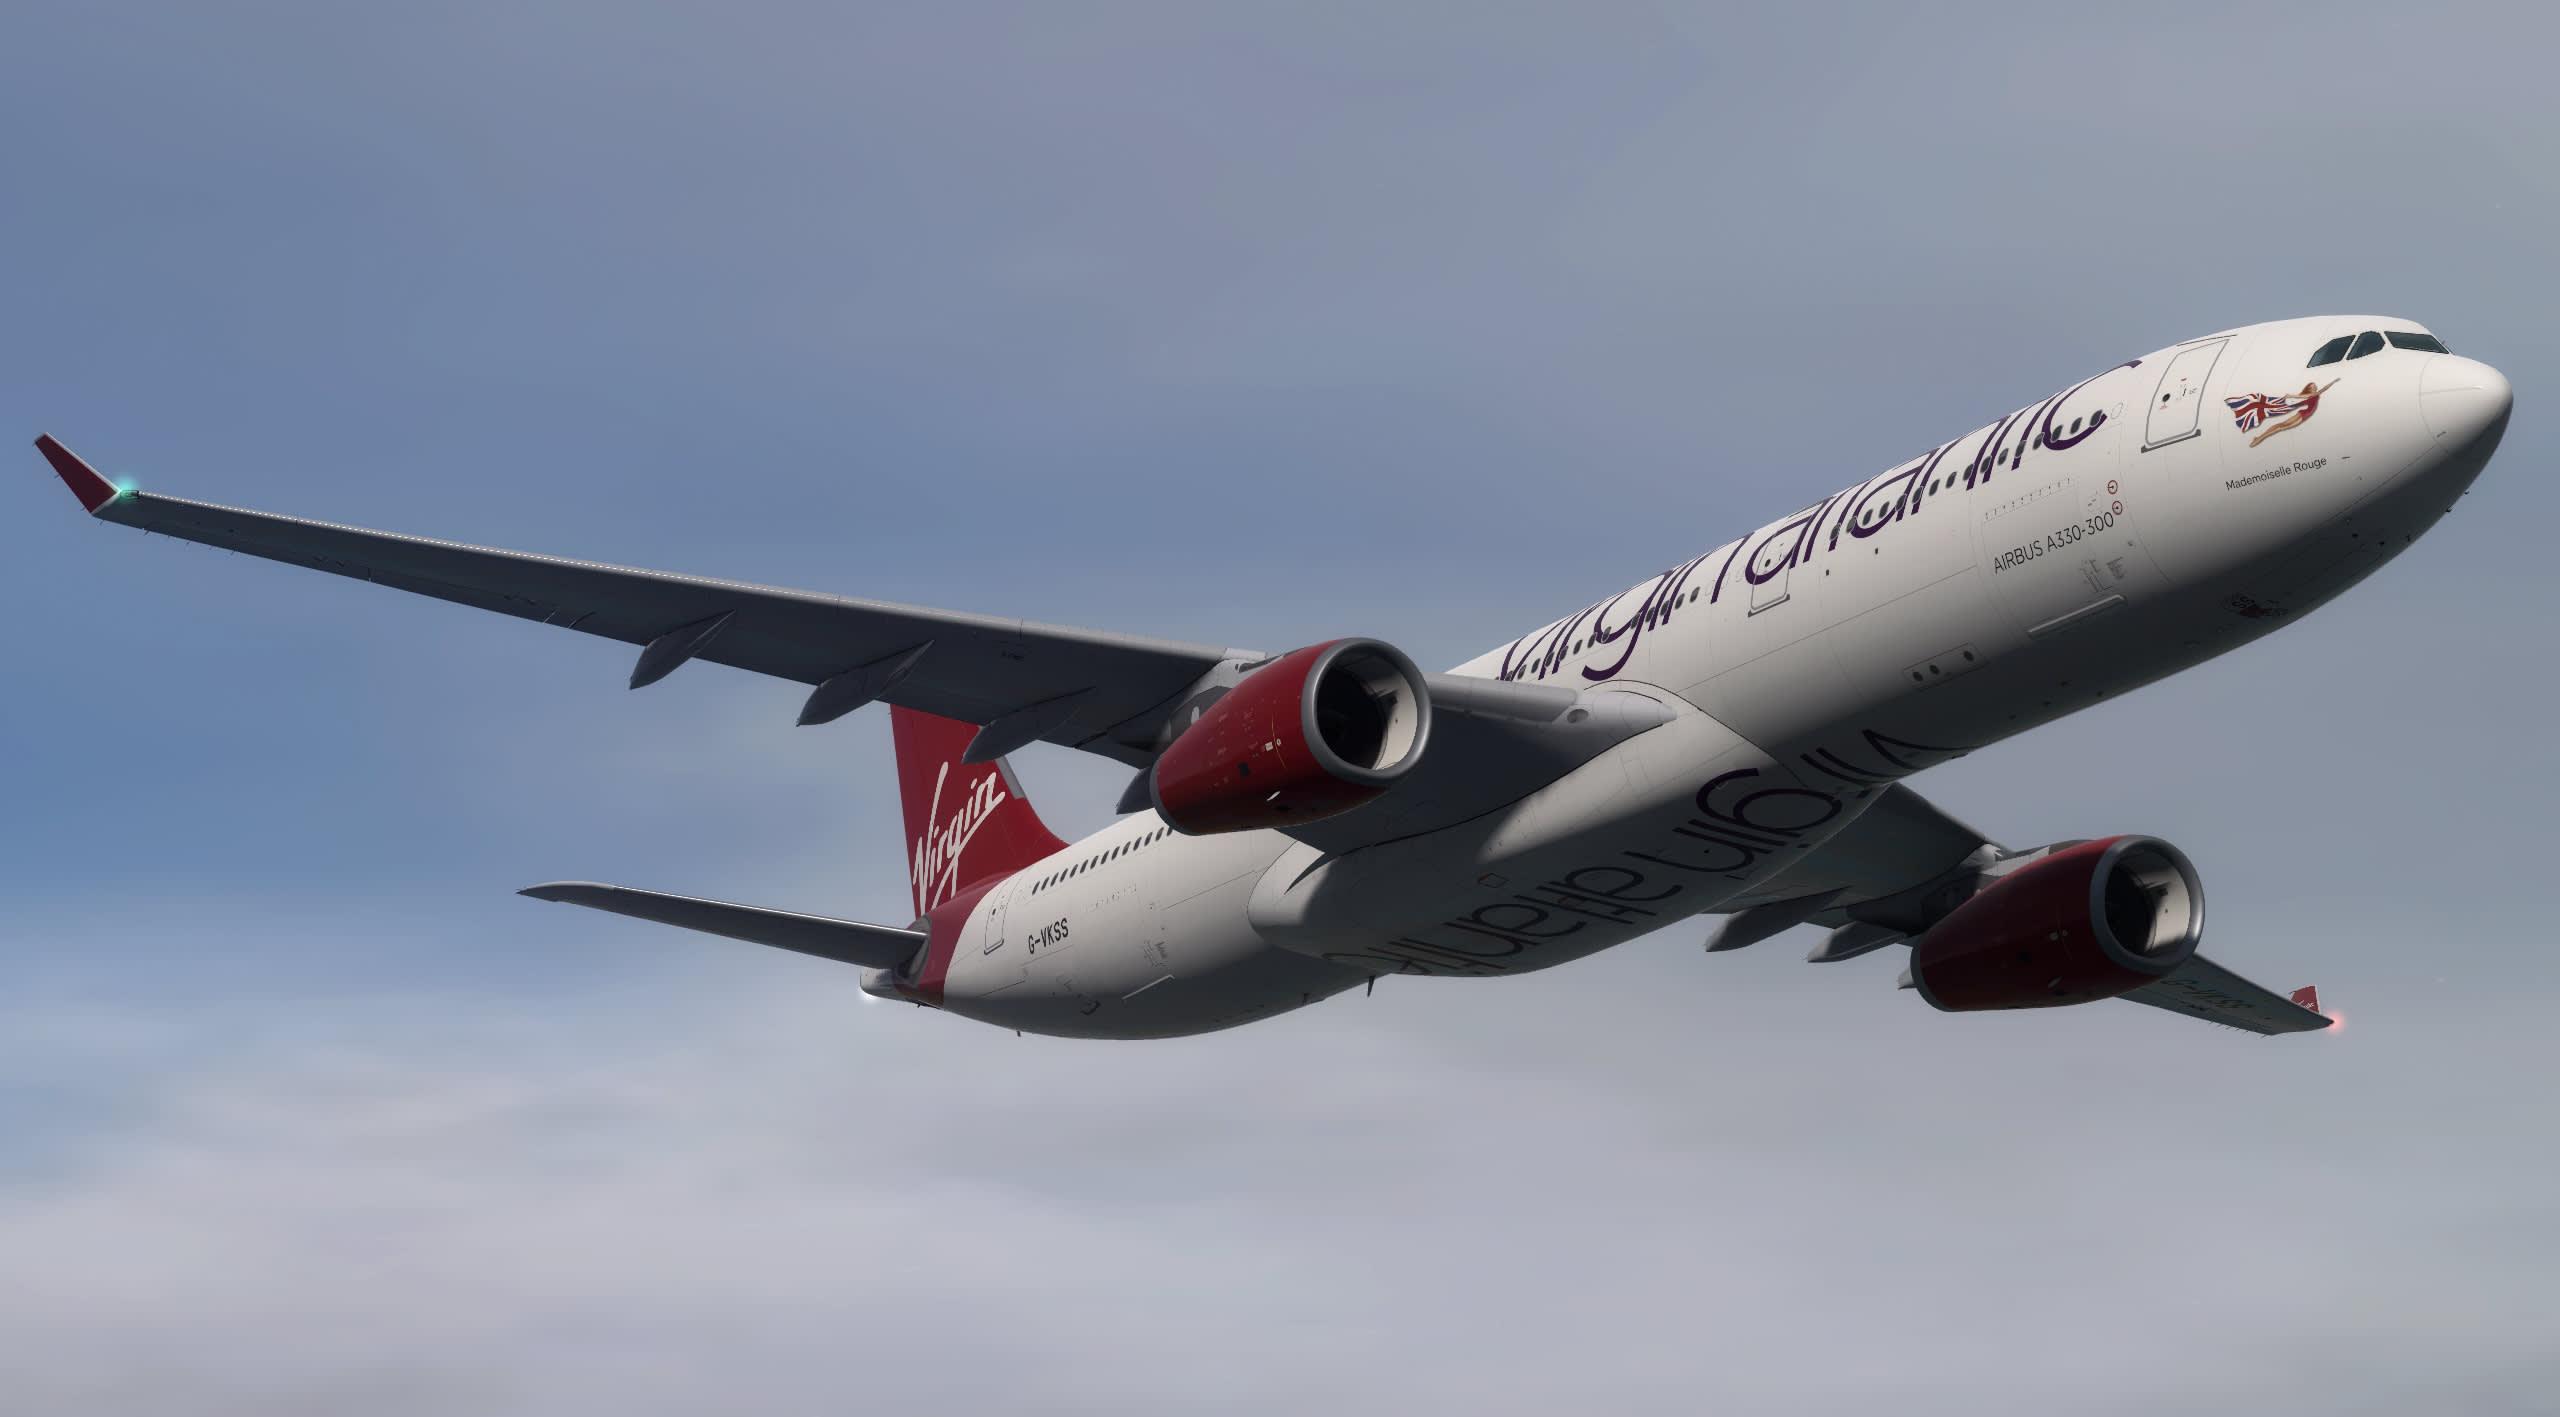 VIR A333